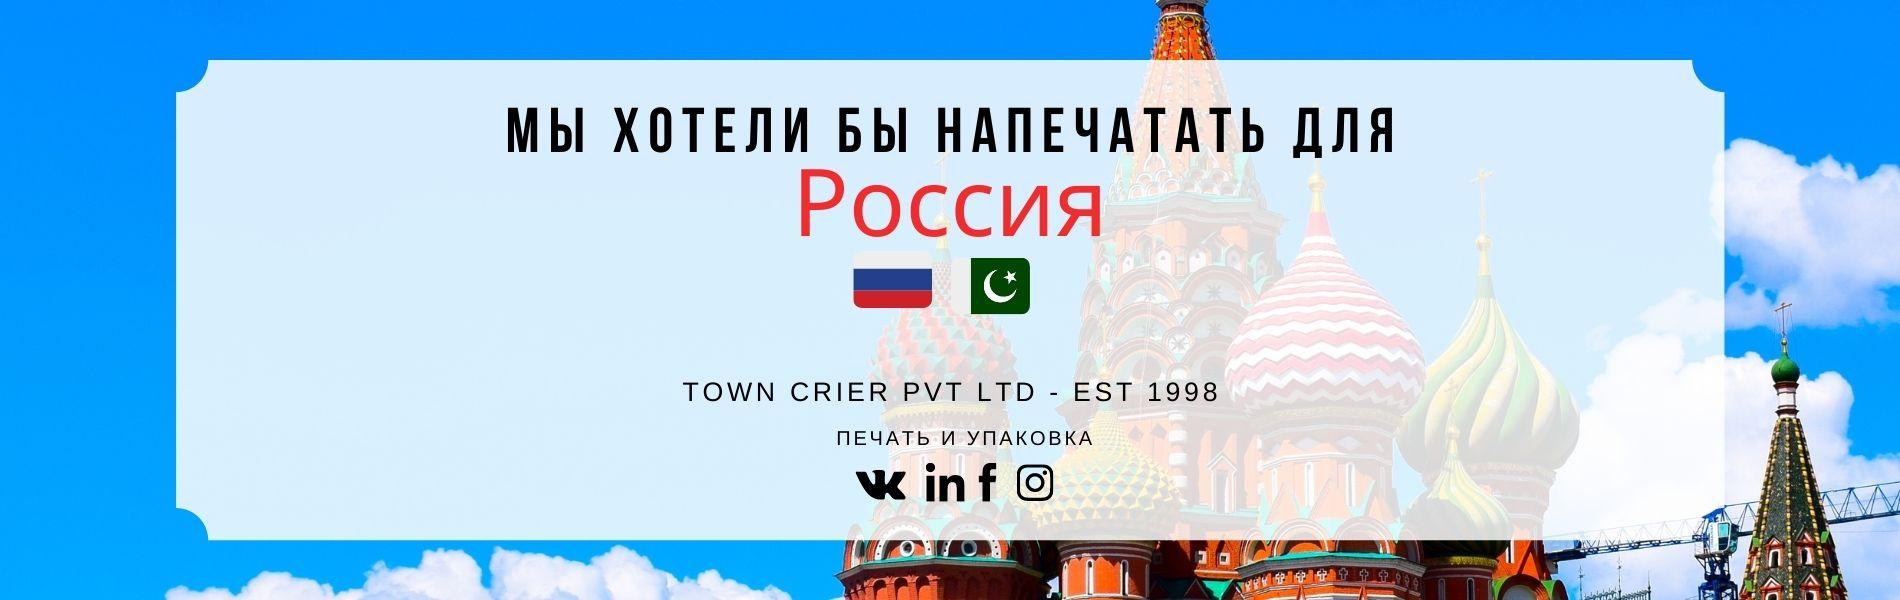 Town Crier Pvt Ltd - Printing Press Pakistan RU